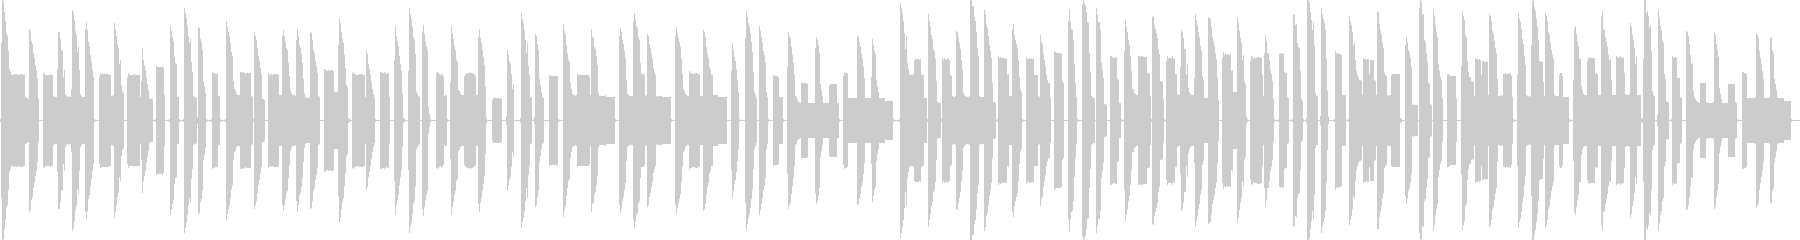 ほのぼの陽気なファミコン風チップチューンの未再生の波形